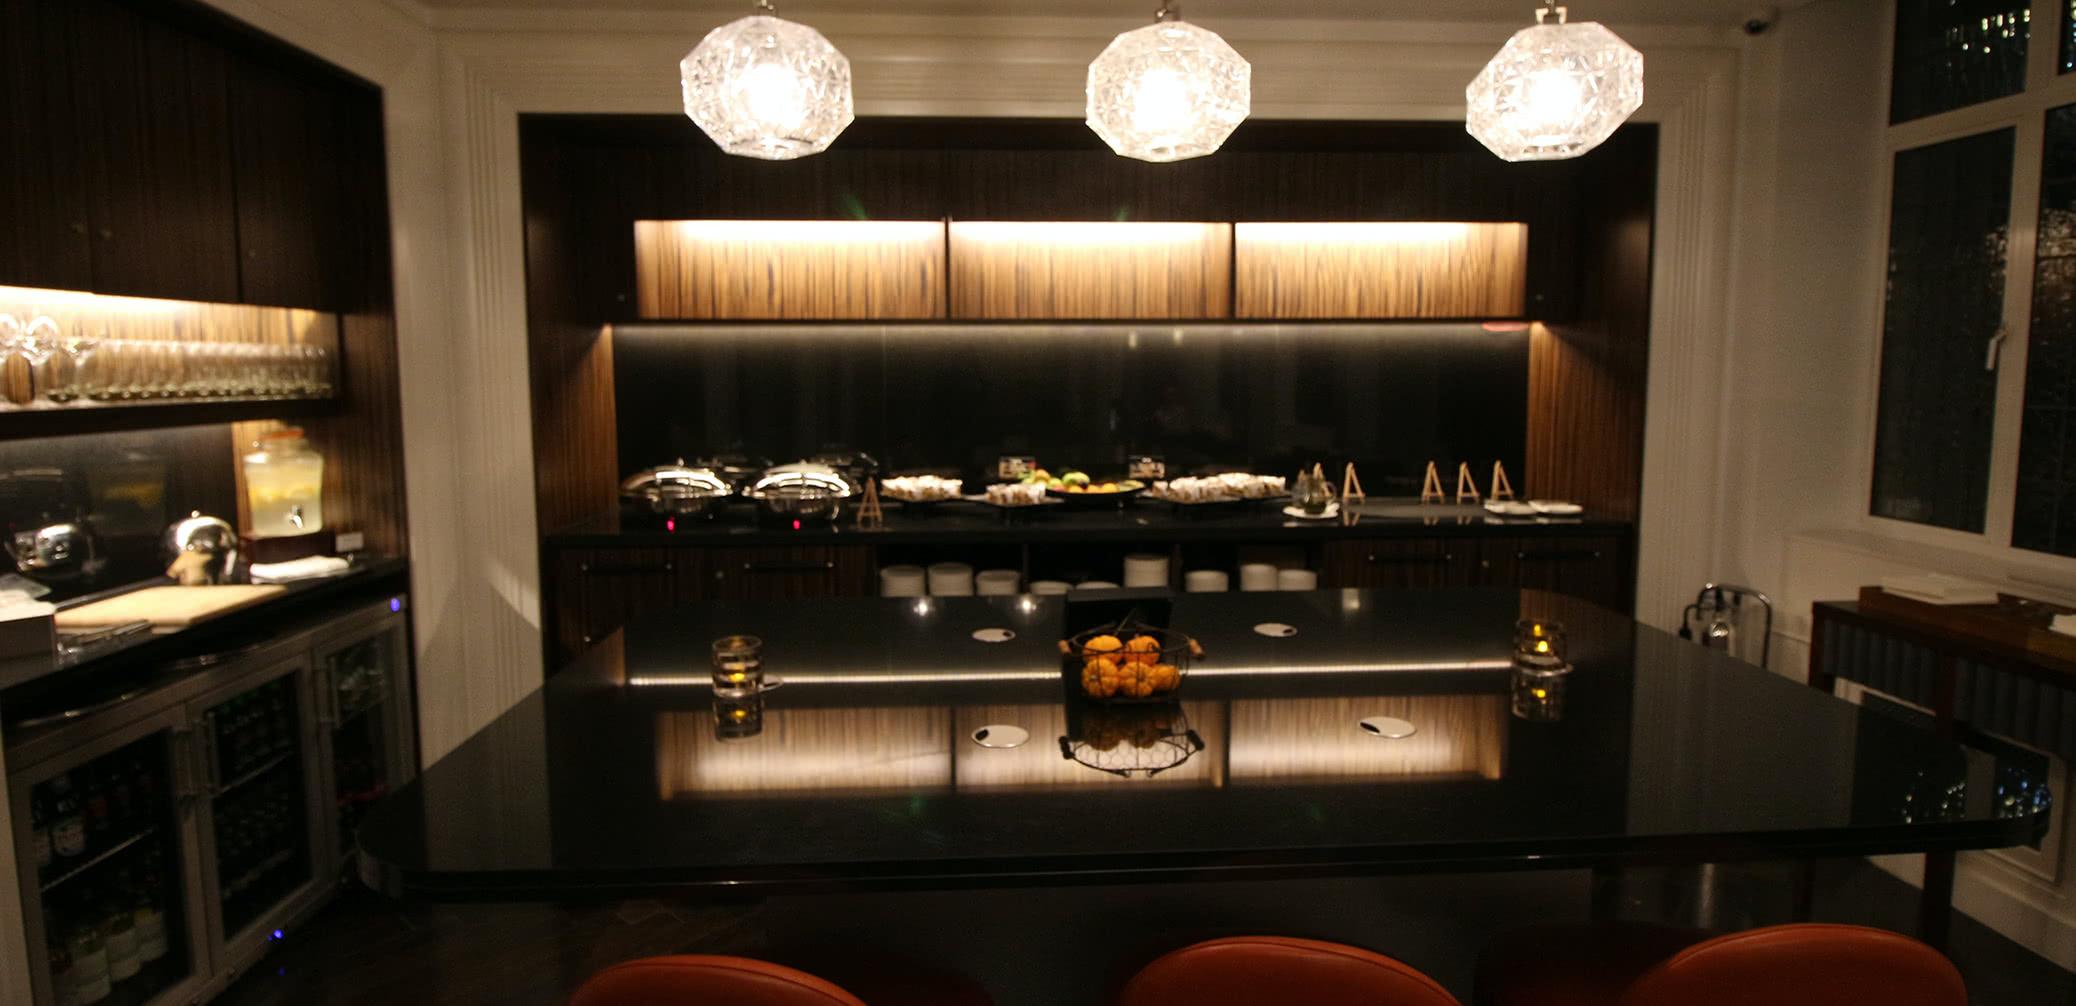 Best Hotel Club Lounge In Park City, Utah